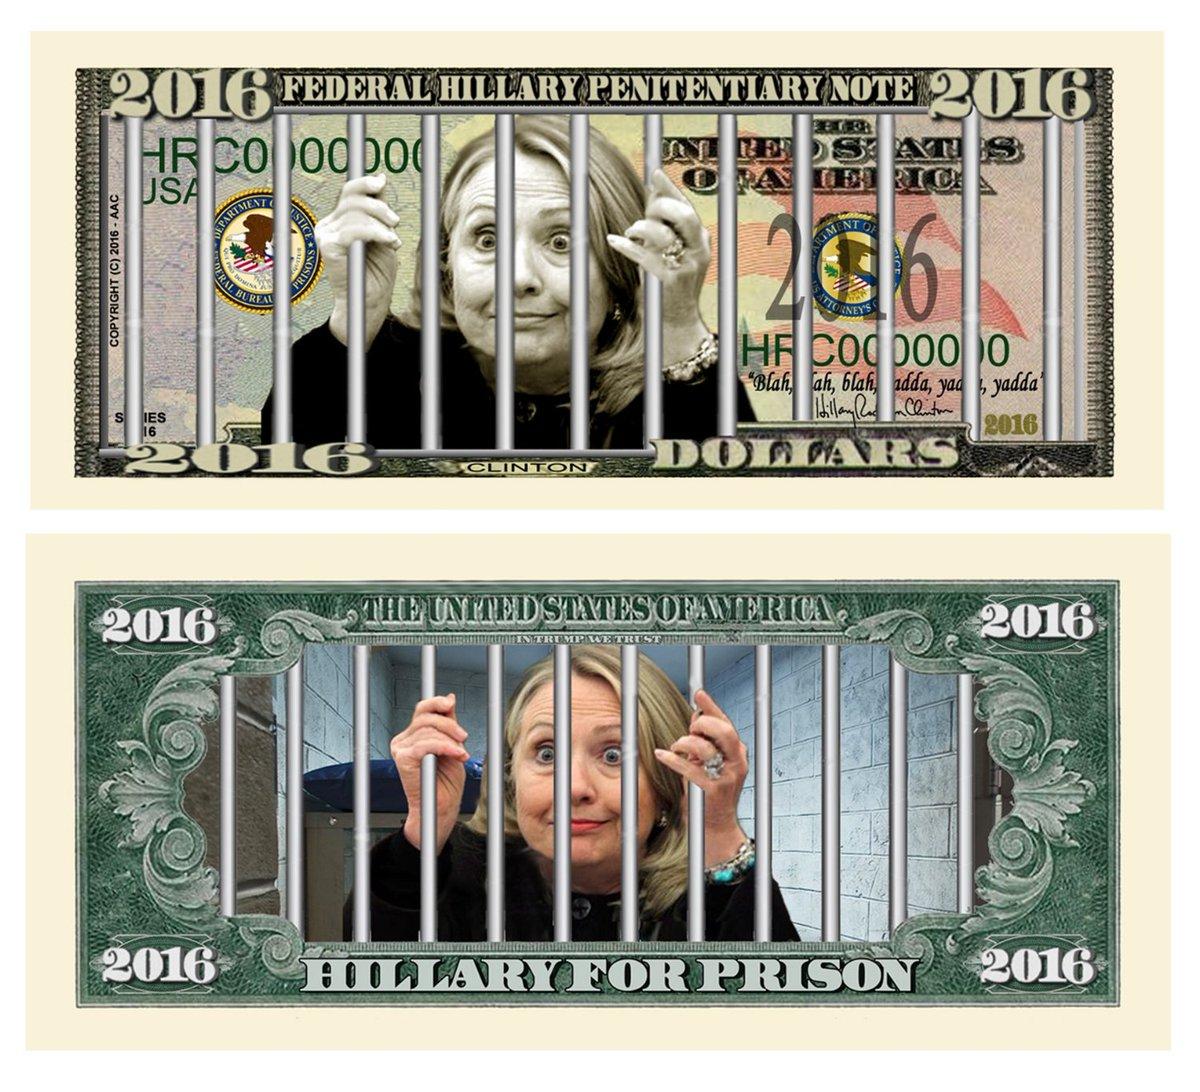 hillary-clinton-prison-note